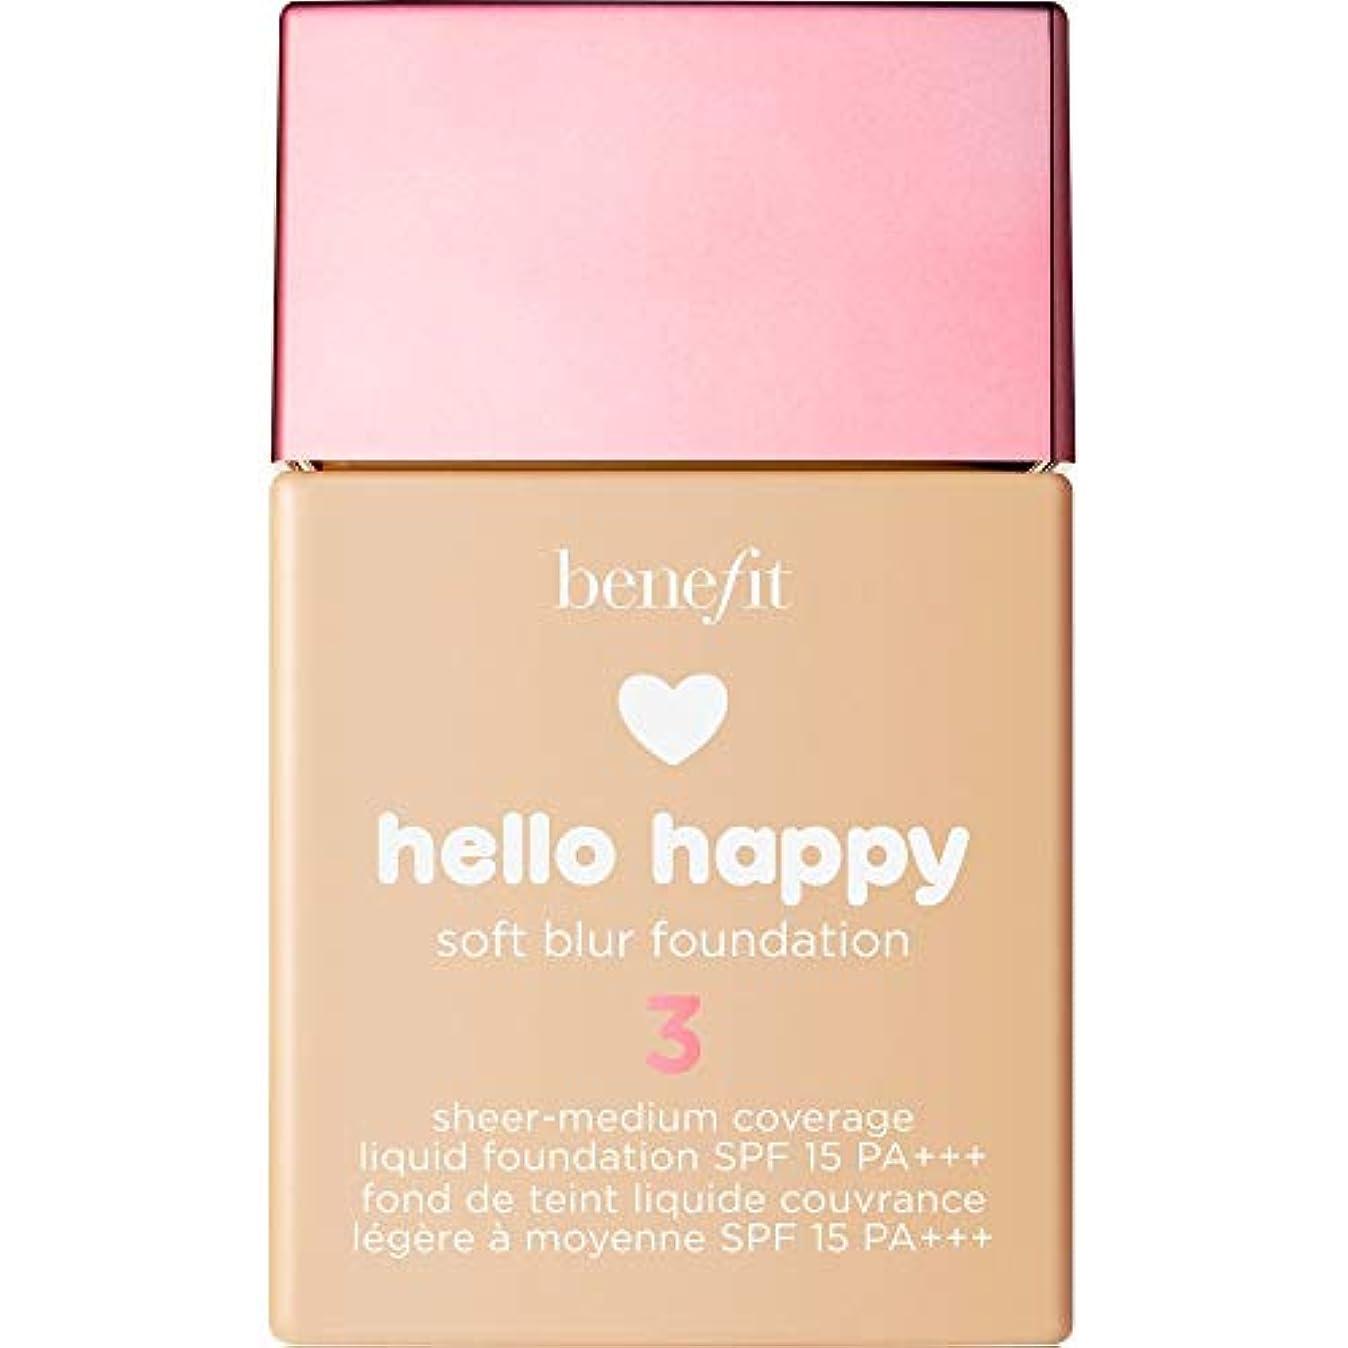 アドバイス追記設計[Benefit ] 利益こんにちは幸せなソフトブラー基礎Spf15 30ミリリットル3 - ニュートラルライト - Benefit Hello Happy Soft Blur Foundation SPF15 30ml...